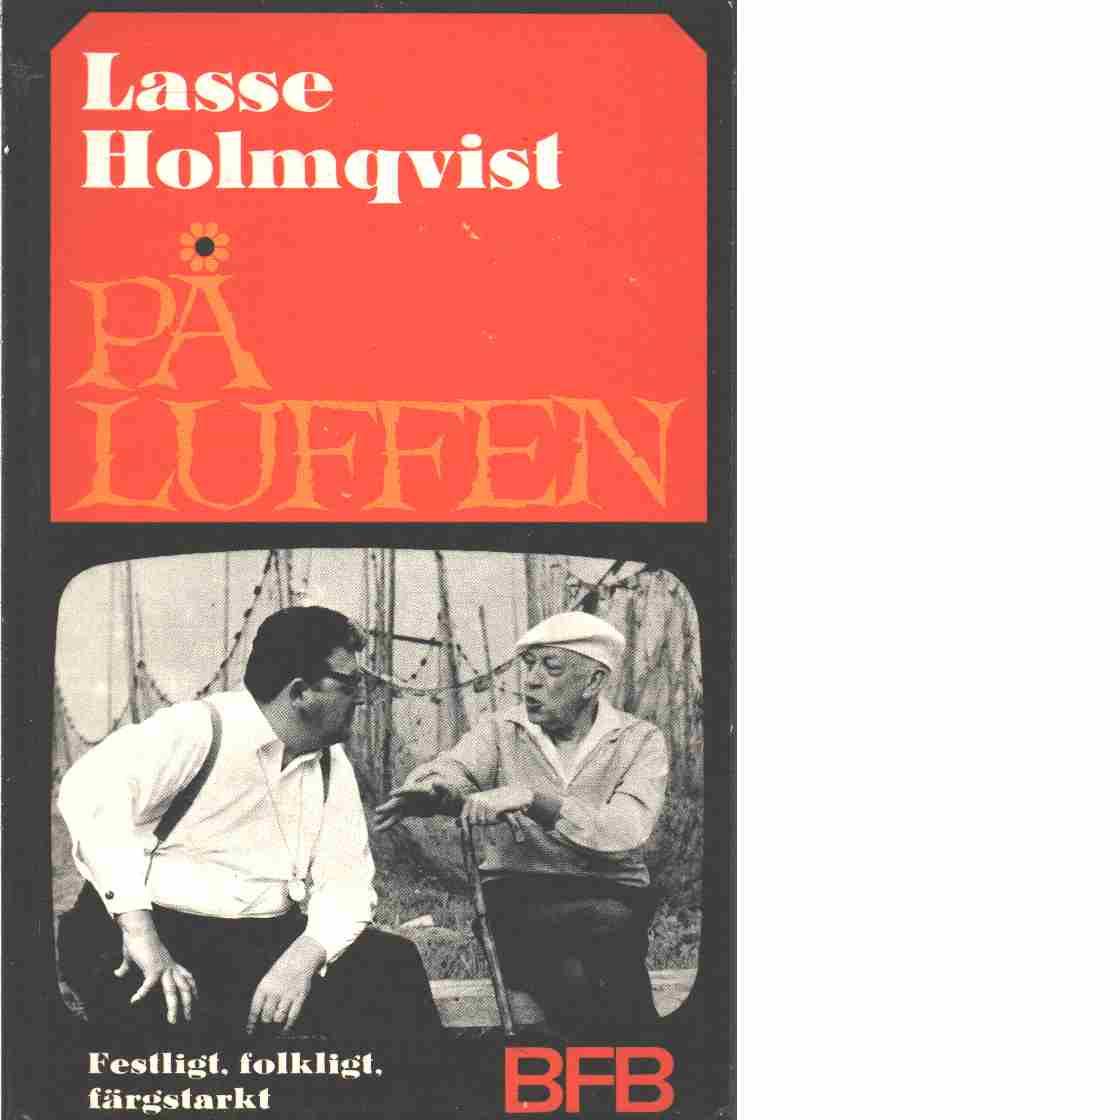 På luffen. - Holmqvist, Lasse